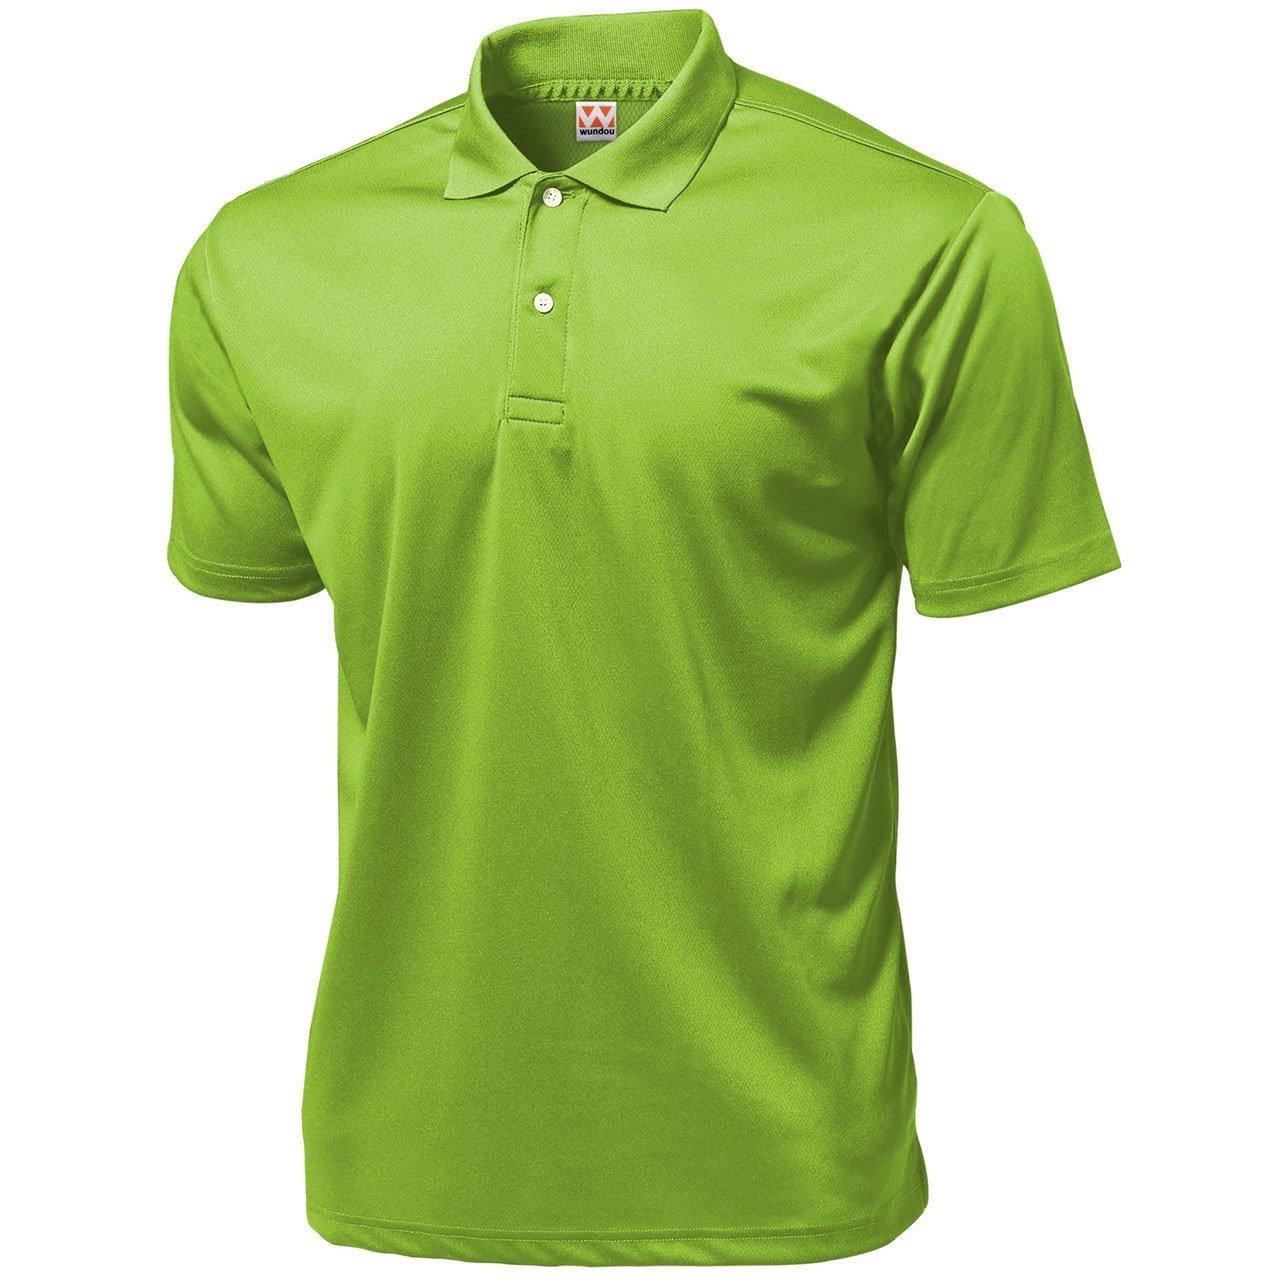 Wundou P335?XL - Polo Deportivo para Hombre, Color Verde Claro ...